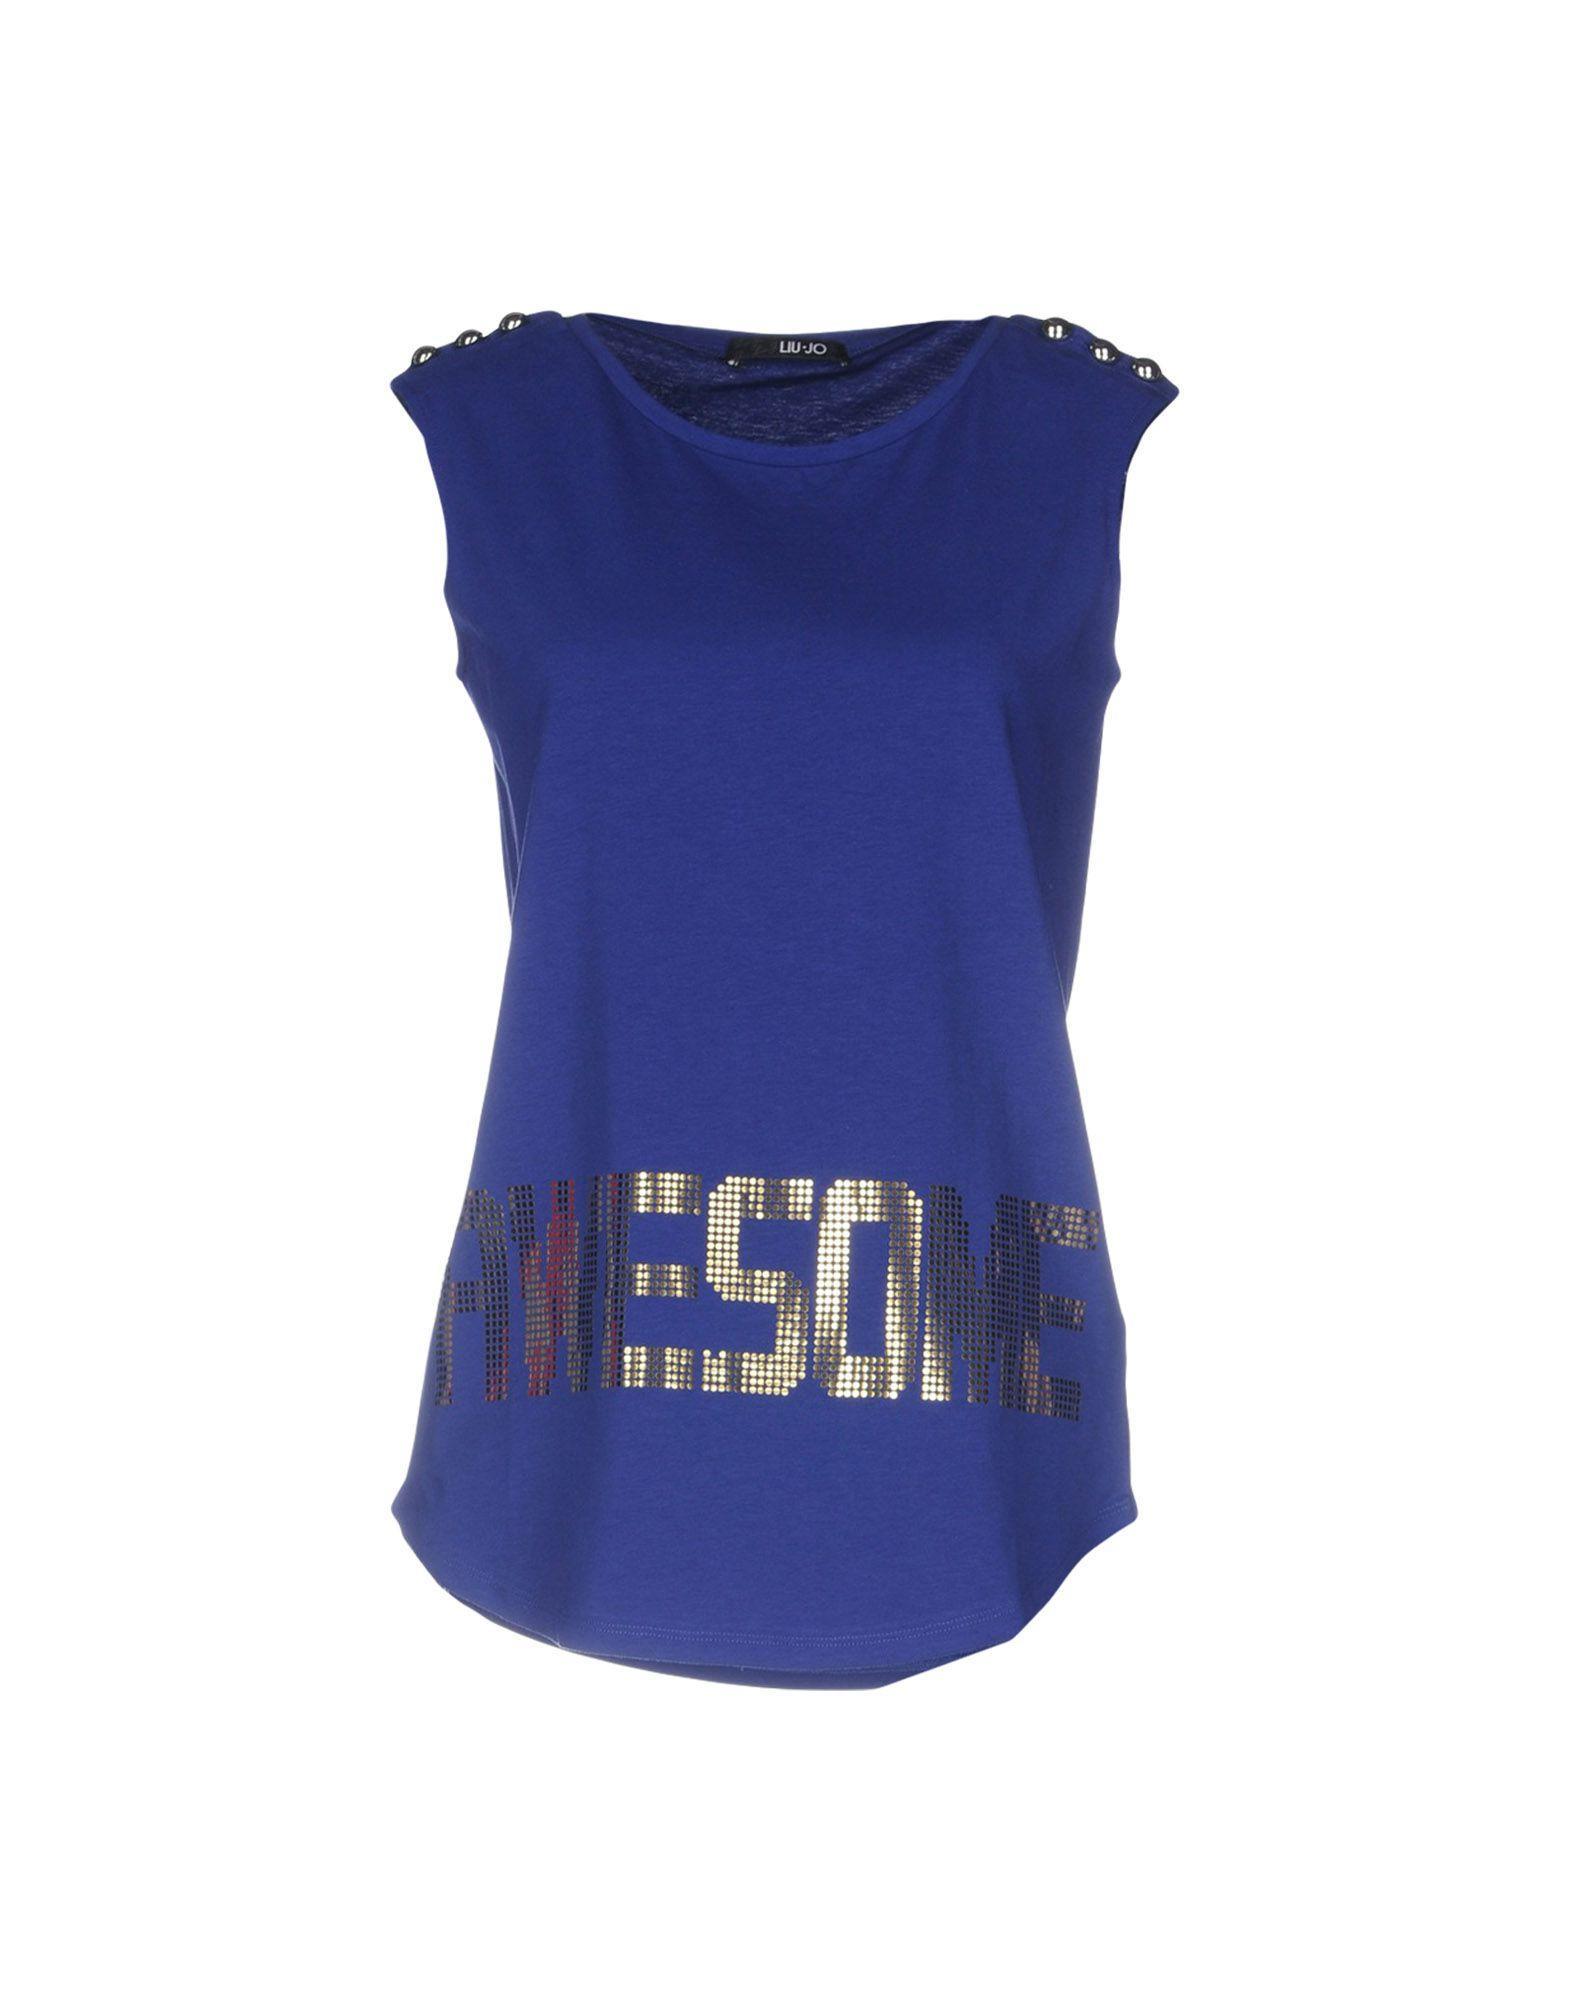 Liu •jo T-shirts In Blue